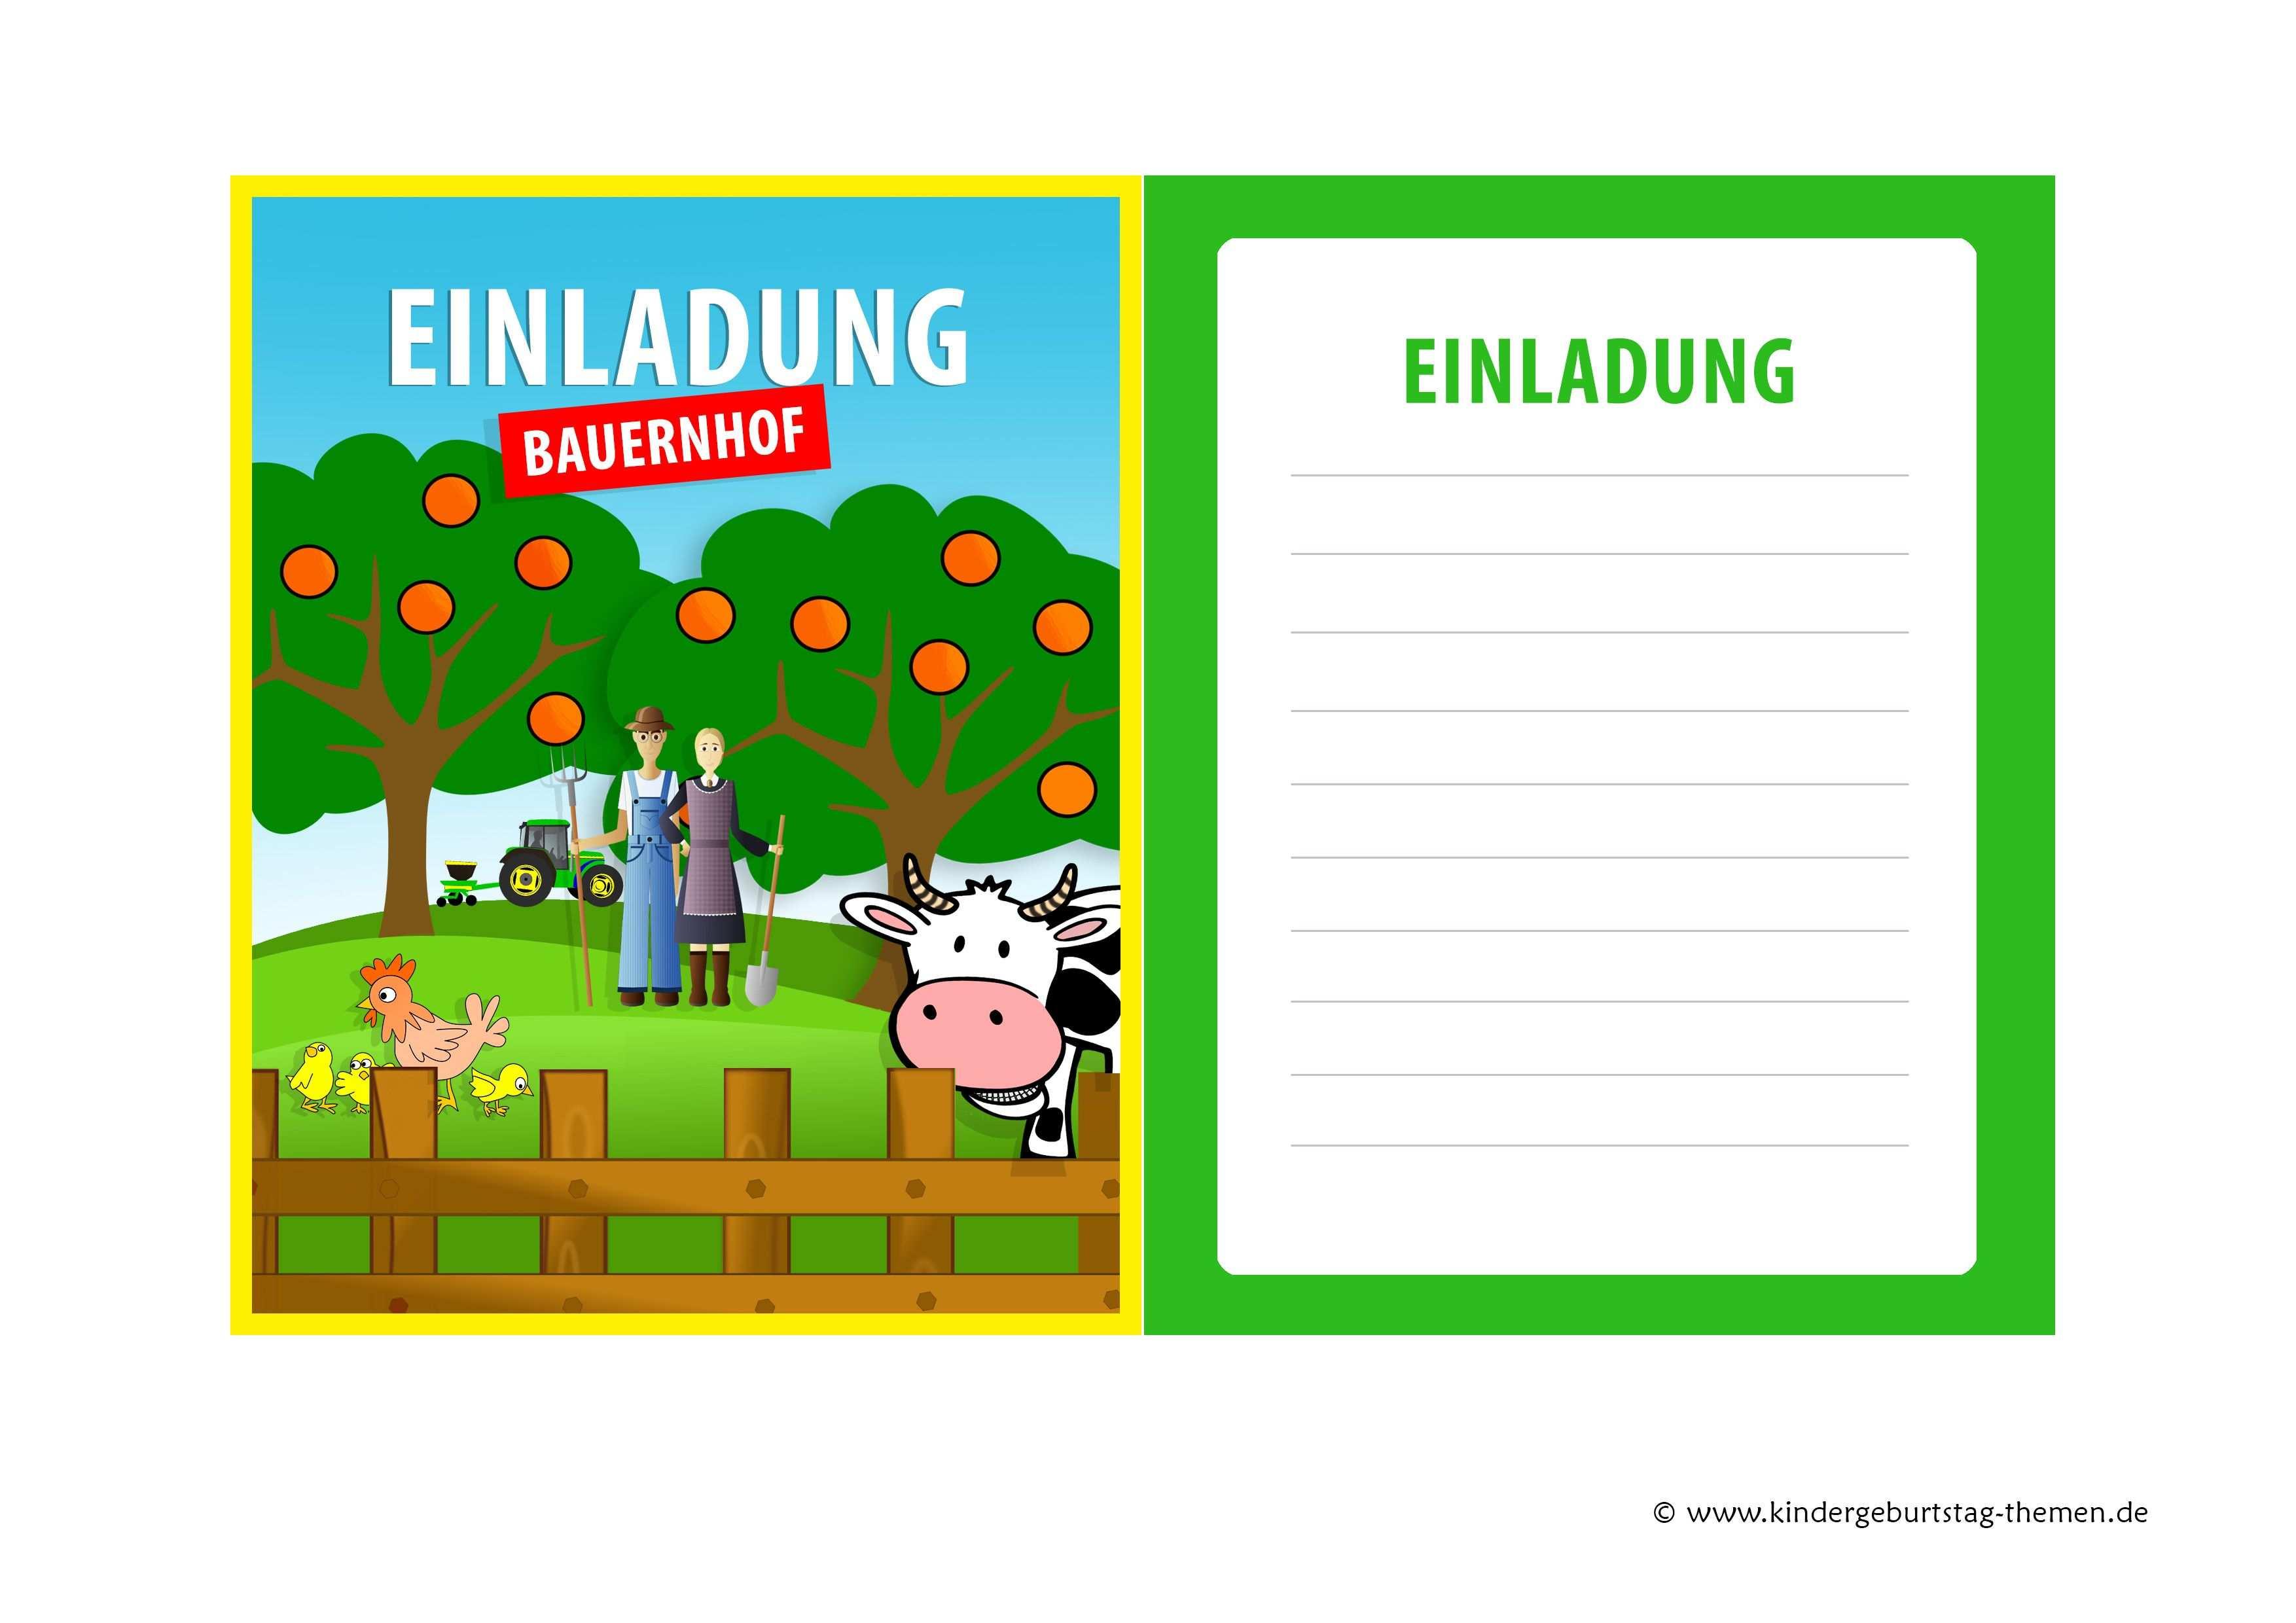 Einladung Kindergeburtstag Bauernhof Kostenlose Geburtstagskarten Zum Runterladen Und Ausdrucken Einladungskarten Geburtstag Kostenlos Geburtstag Einladung Vorlage Einladung Kindergeburtstag